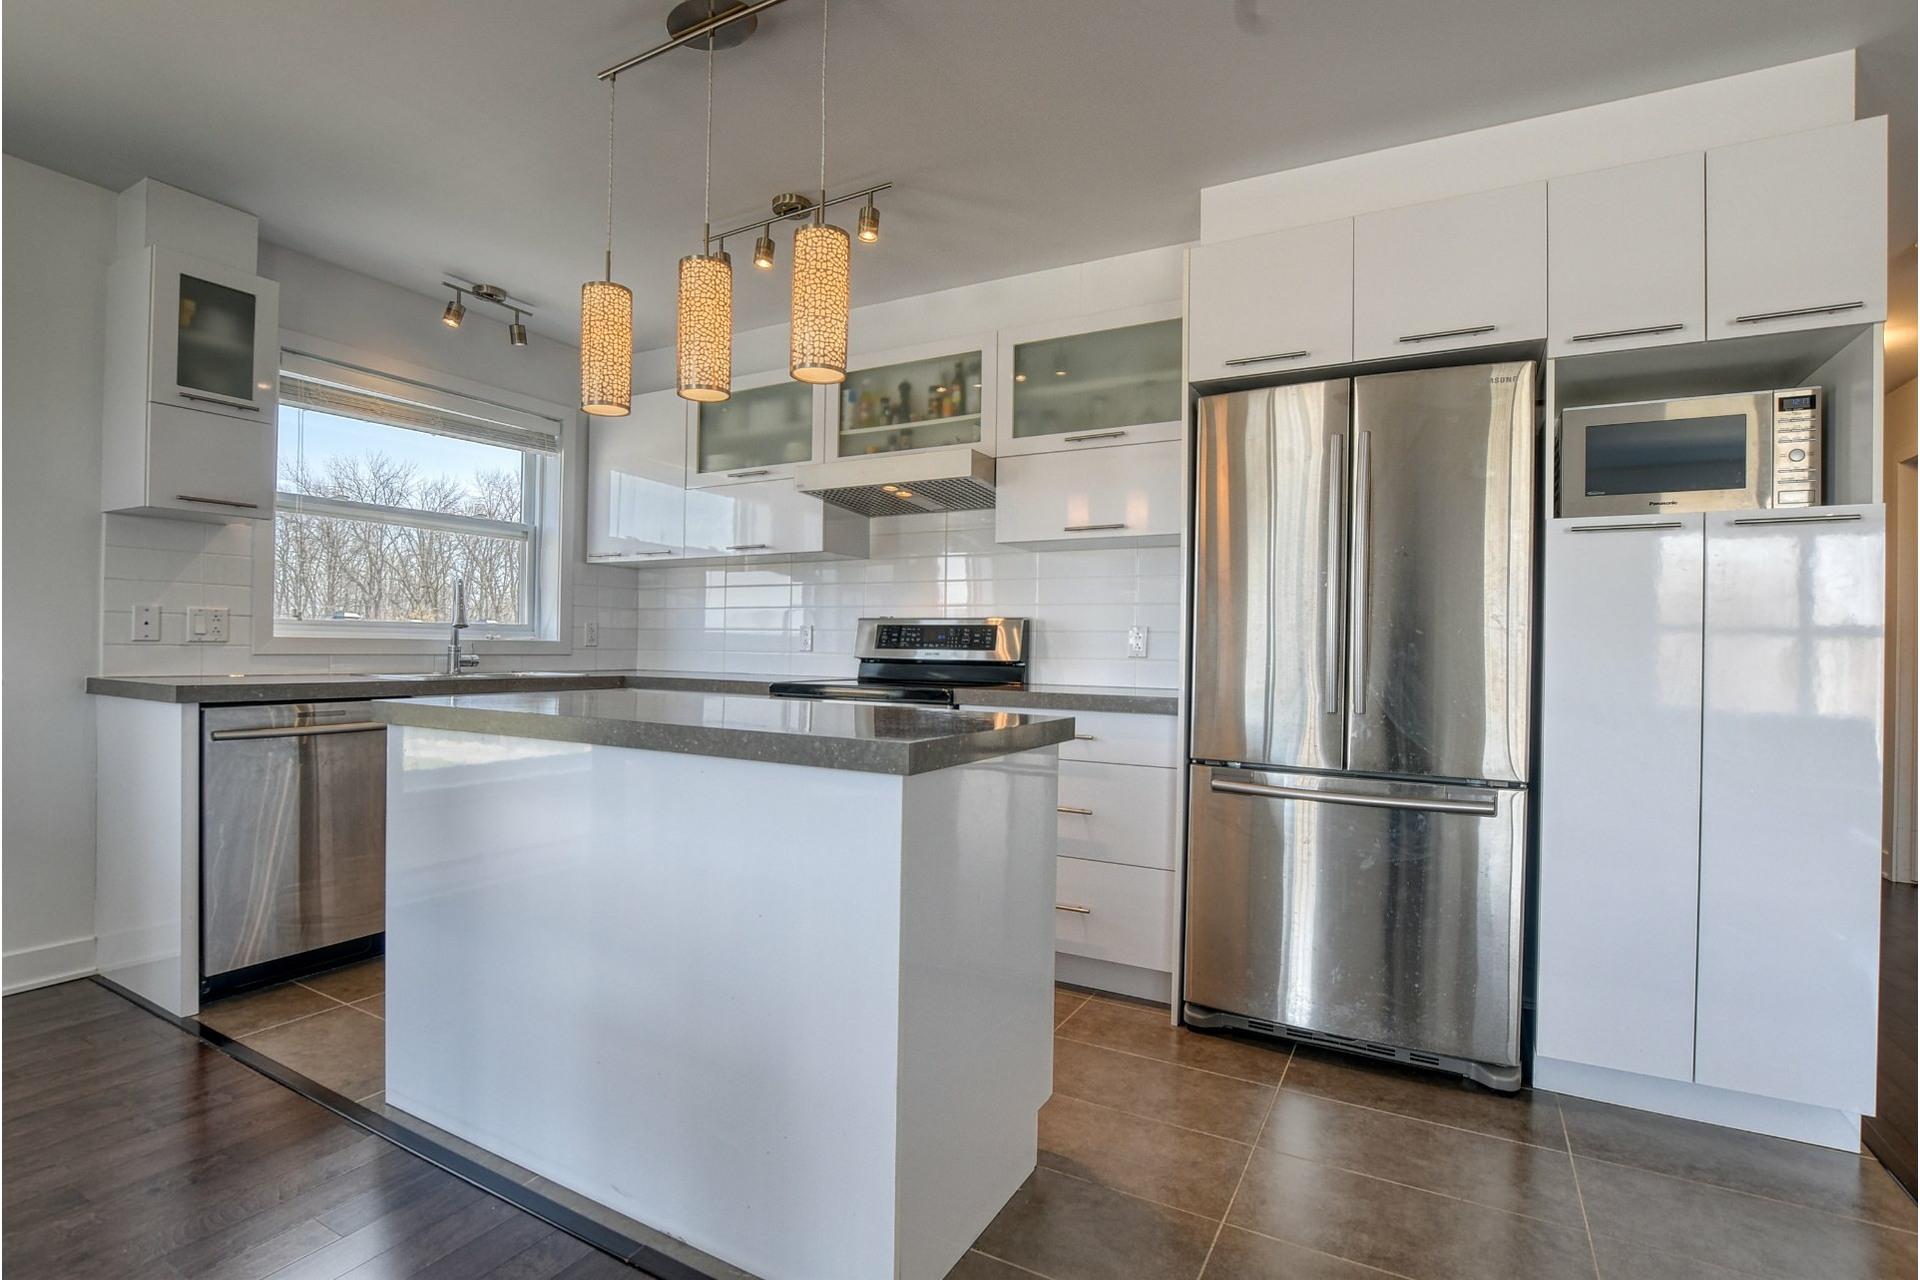 image 10 - Appartement À vendre Rivière-des-Prairies/Pointe-aux-Trembles Montréal  - 11 pièces